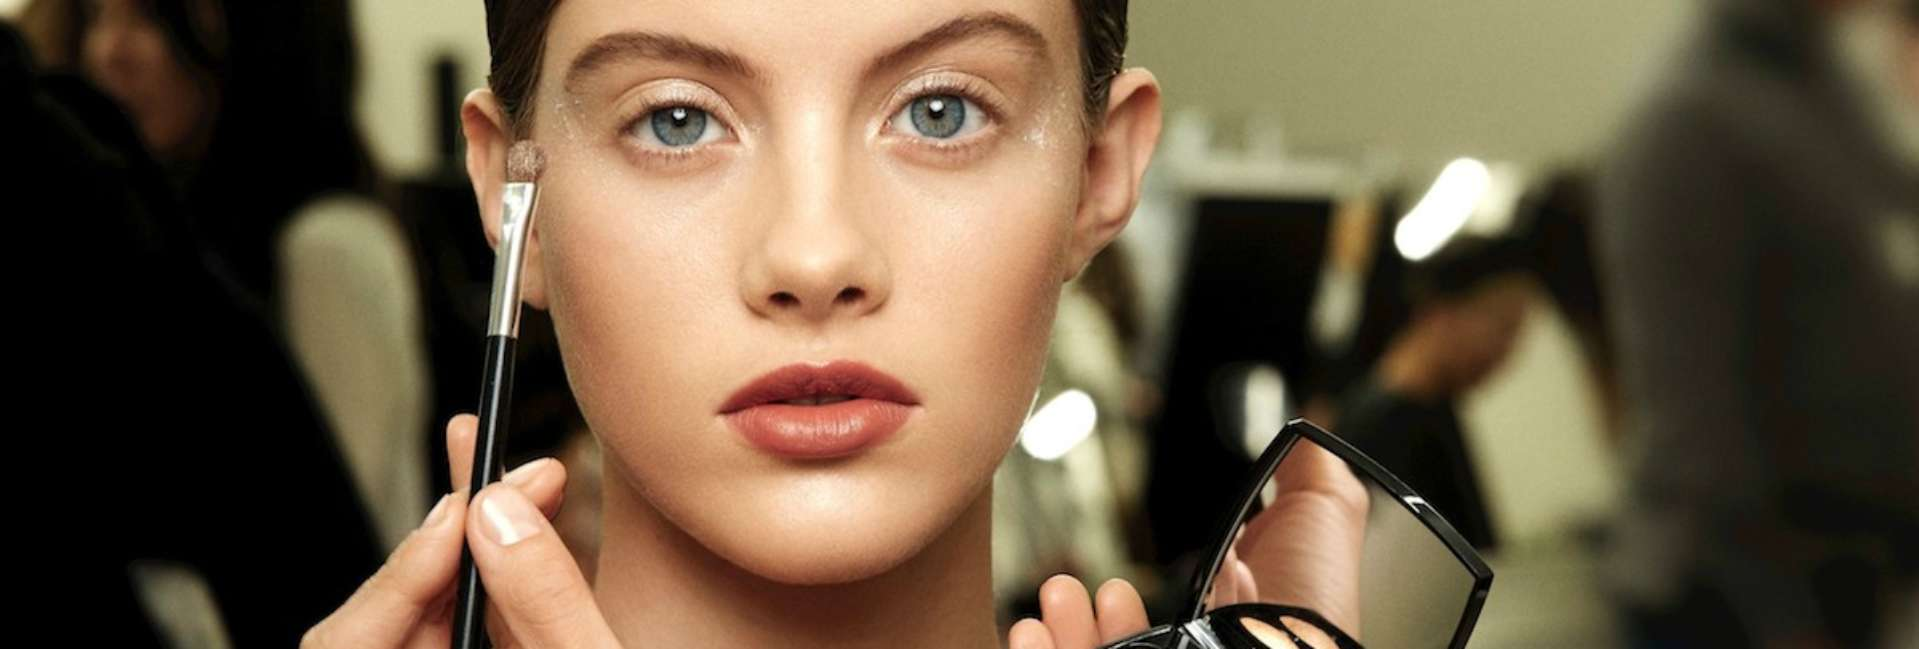 Six summer makeup trends